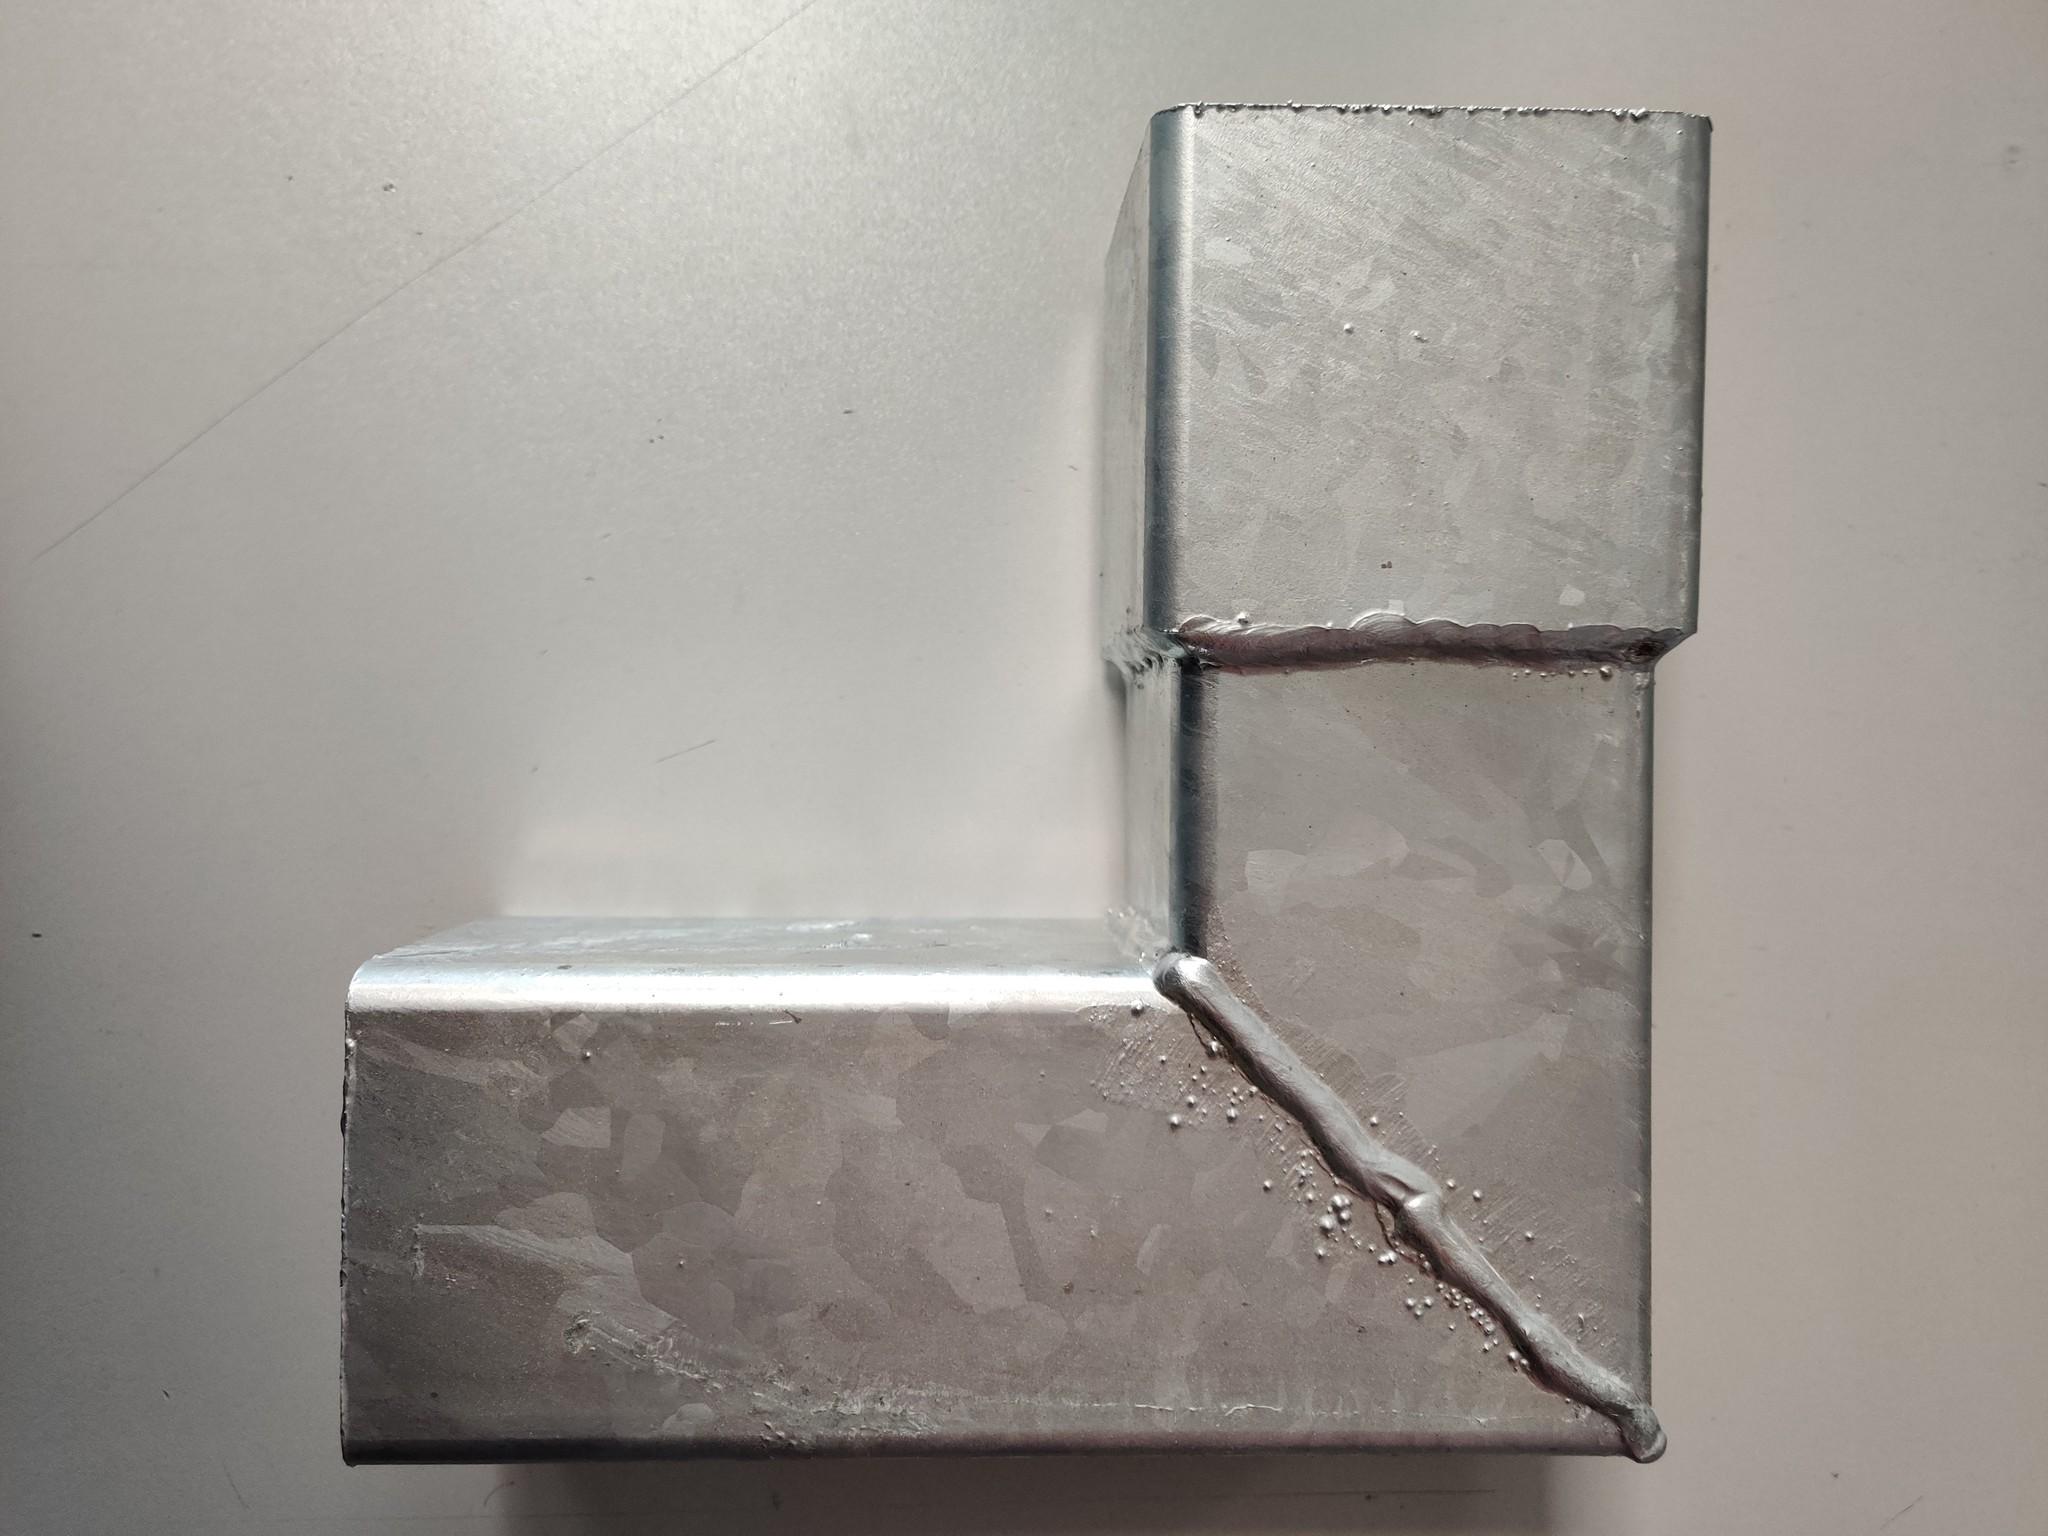 Feyts Staal verzinkte  bocht voor ondereind vierkant 100 x 100 mm - 90 graden